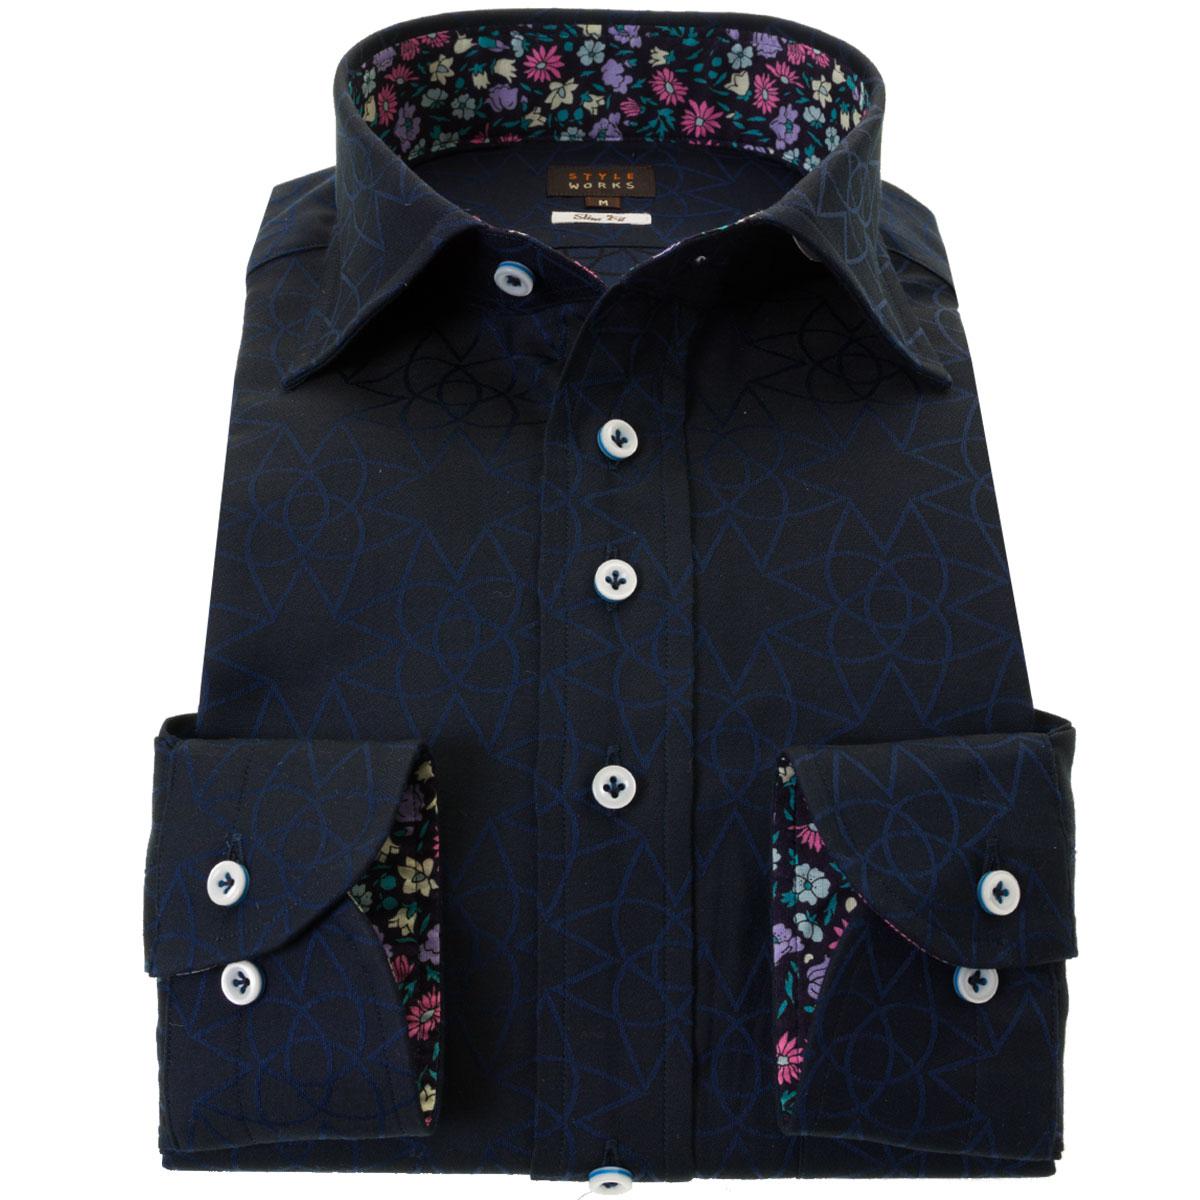 国産長袖綿100%ドレスシャツ スリムフィット ワイドカラー ダークネイビー ジャガード織柄 幾何柄 メンズ